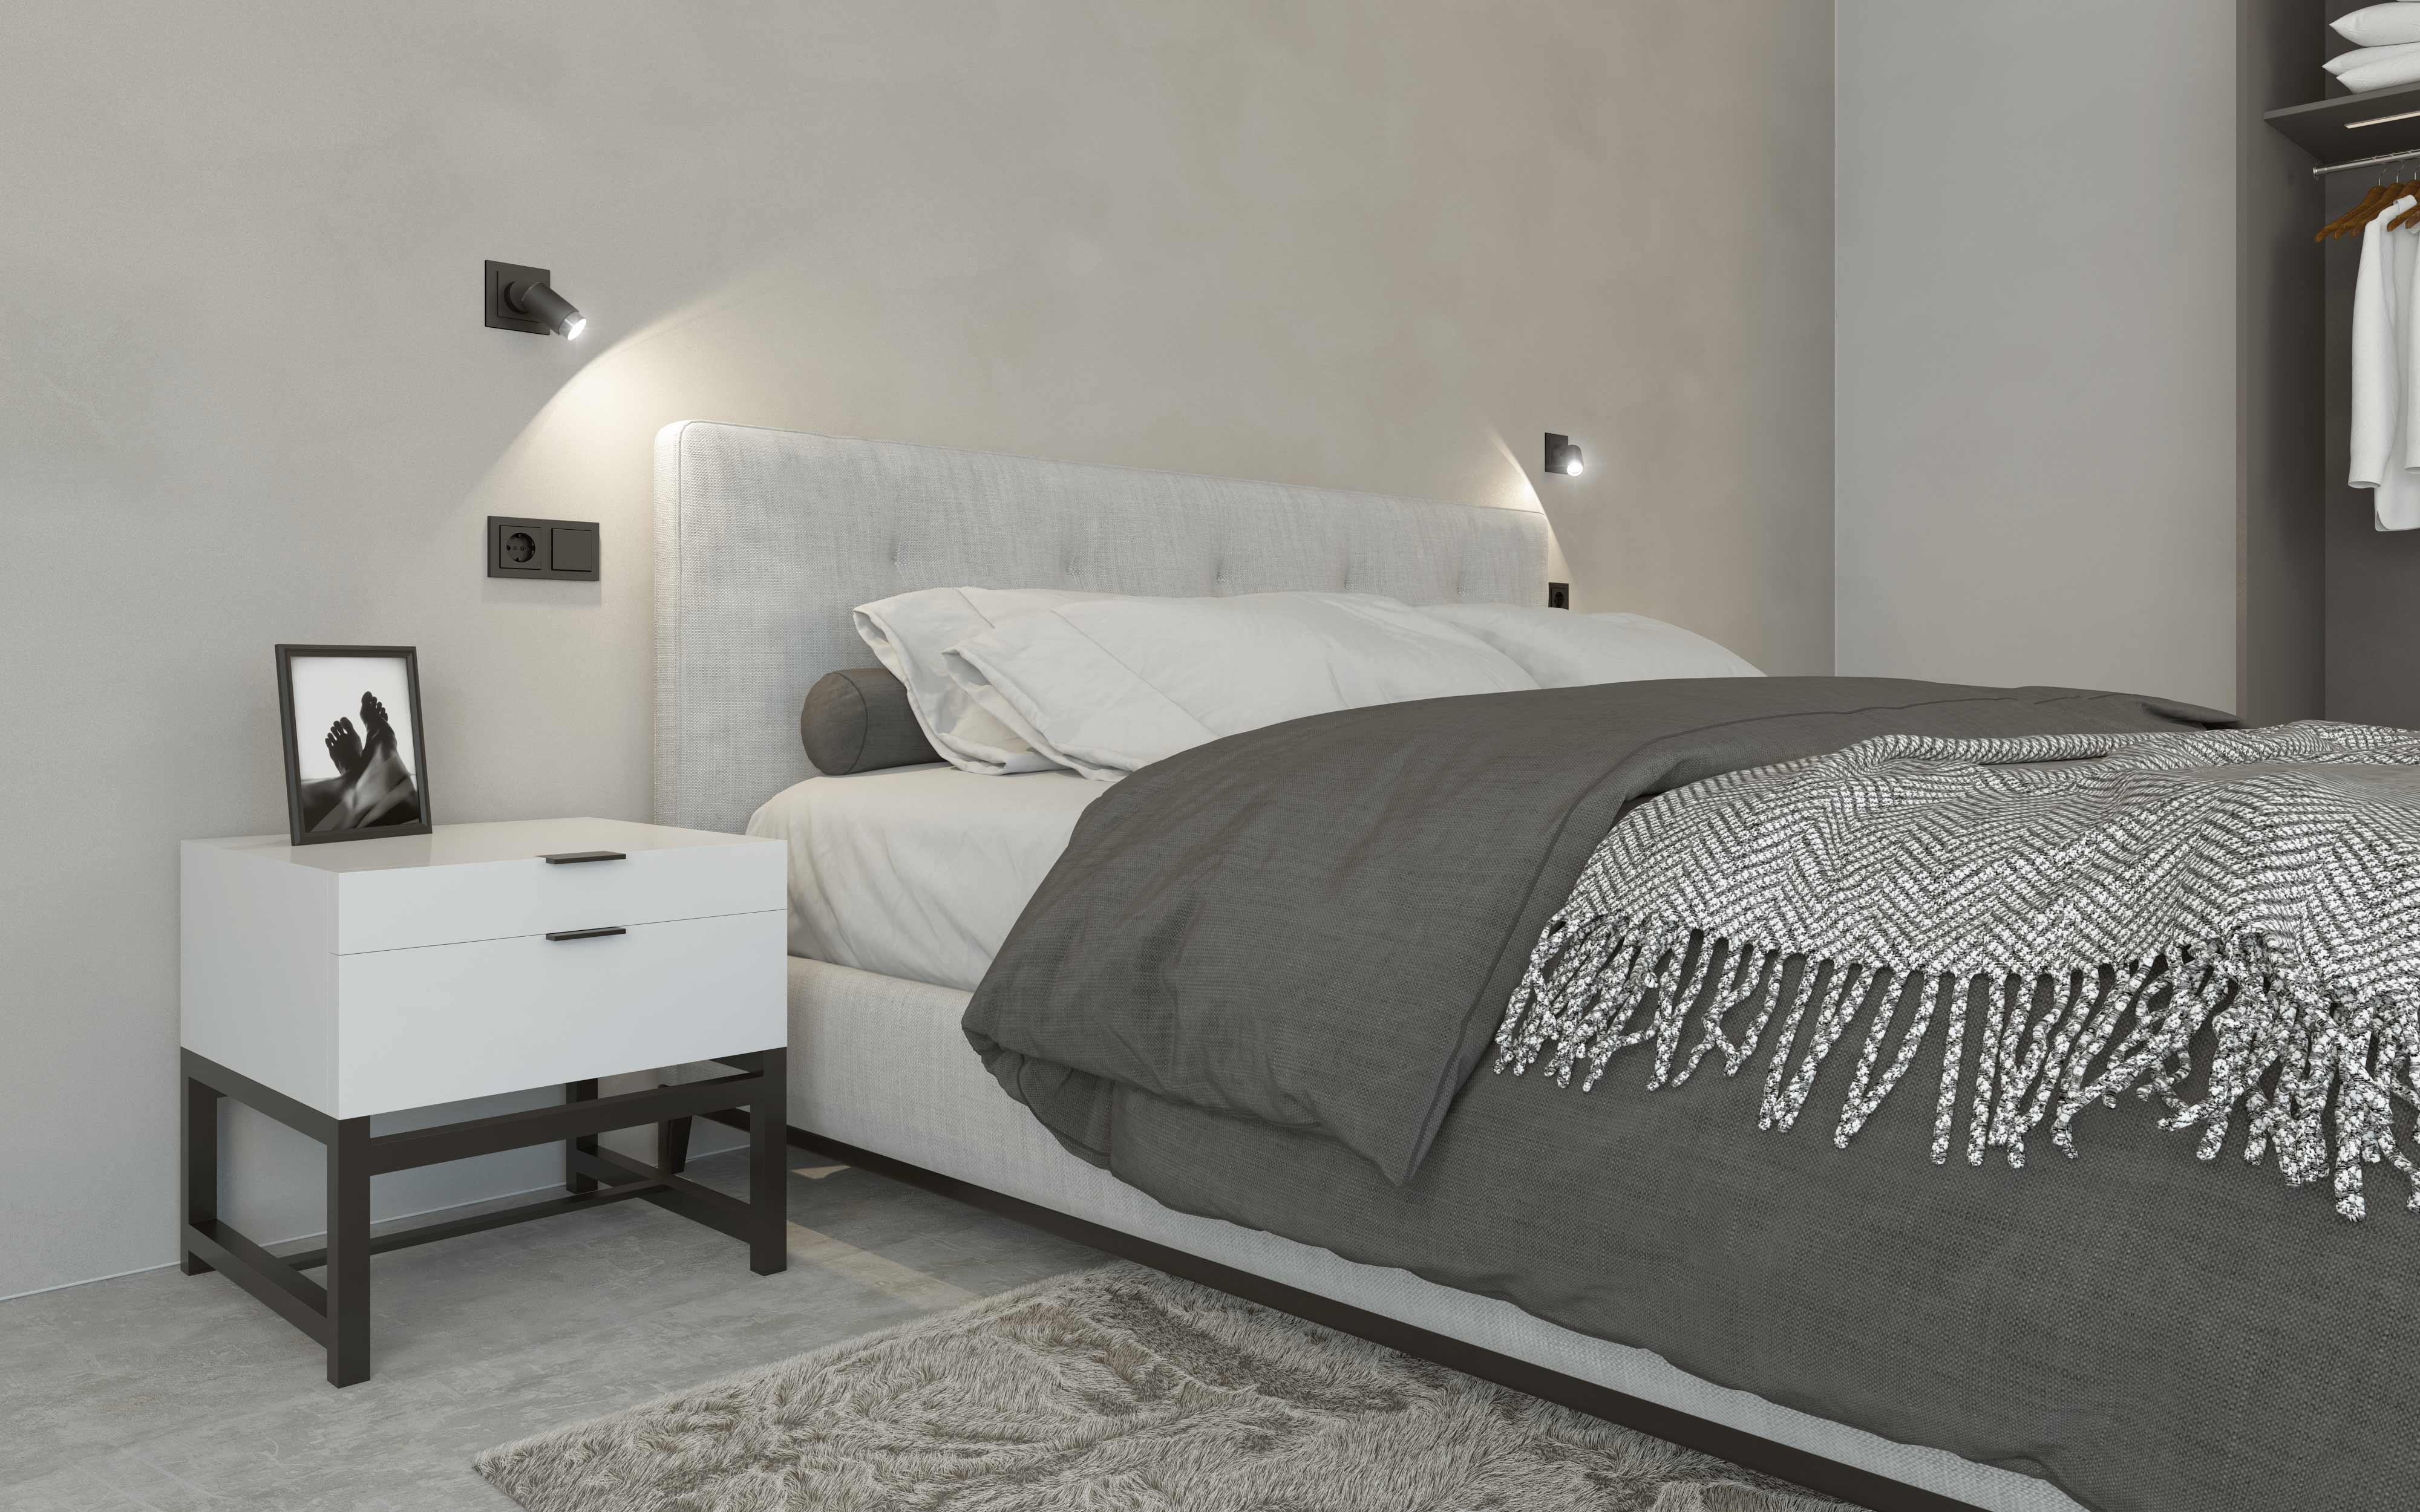 Gira Plug&Light neben dem Bett